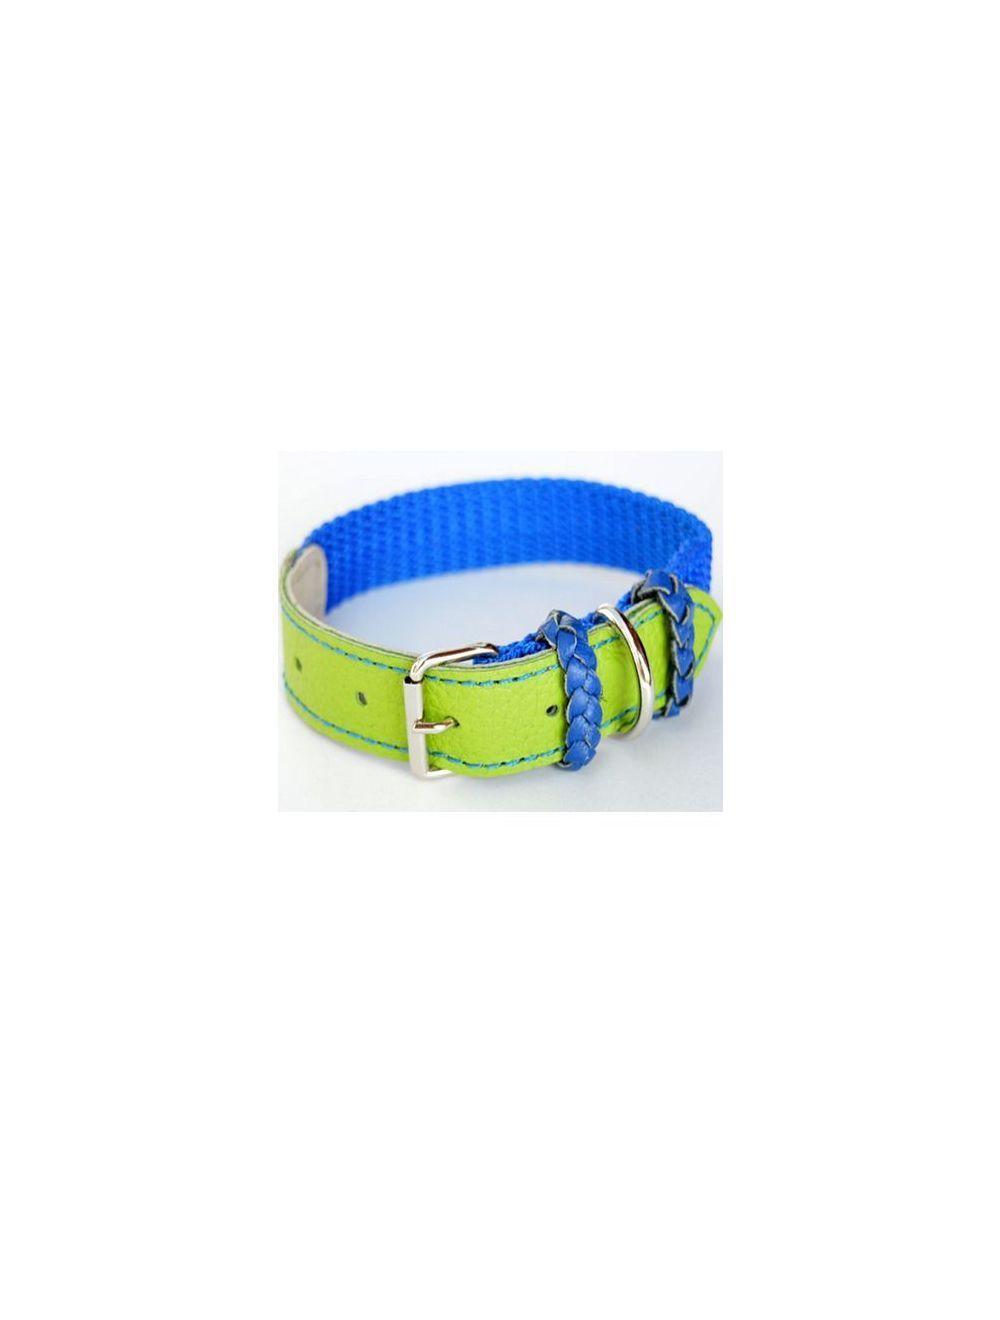 Collar Ciudaddemascotas Azul y Verde Talla S - PRSR